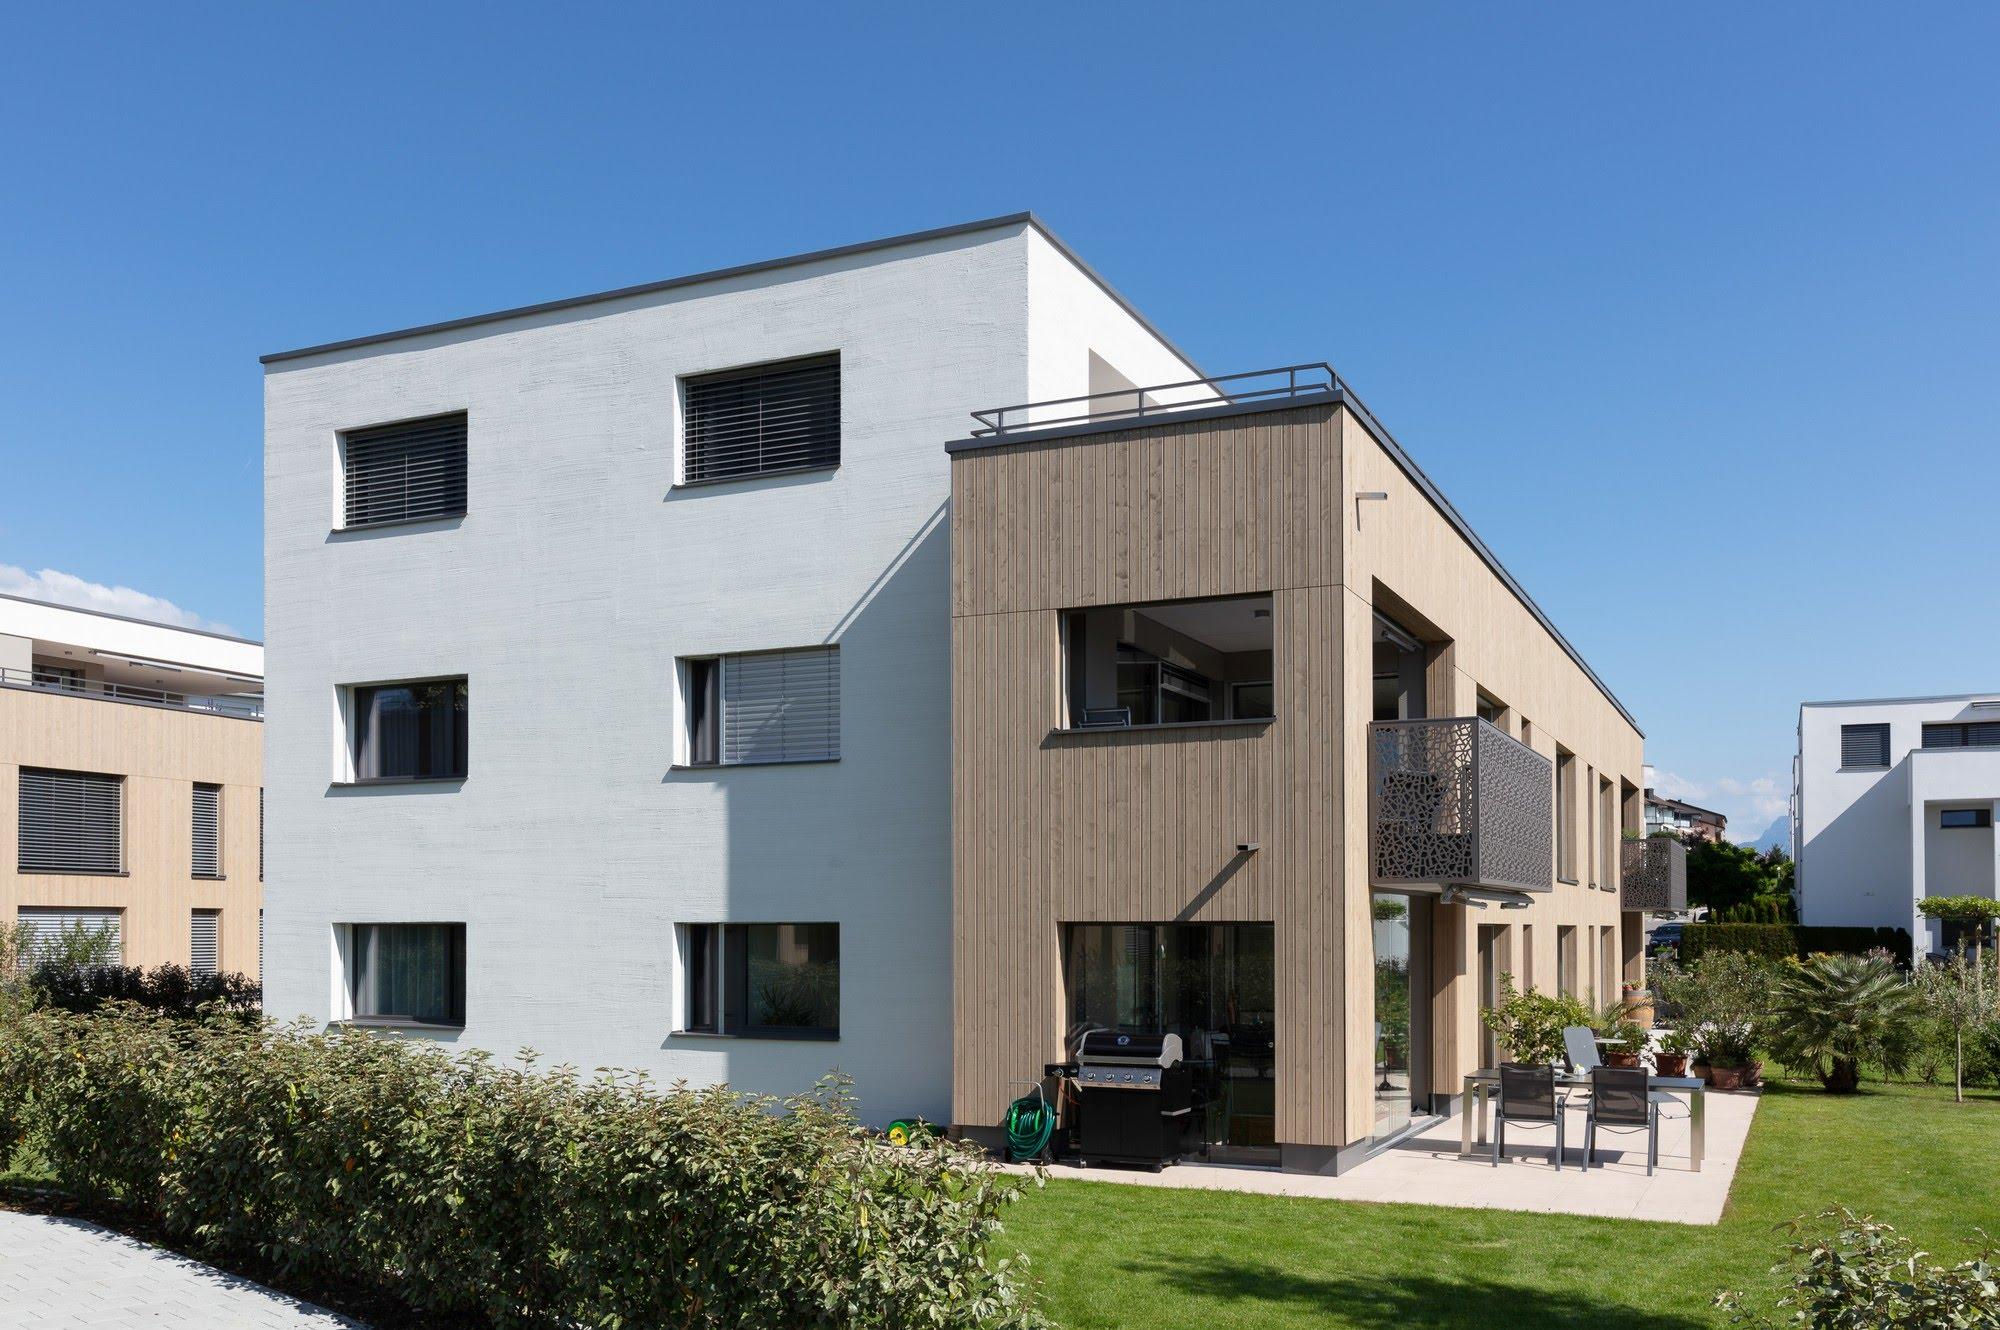 Wohnen MFH Wohnüberbauung in Oberkirch Architektur,Wohnungsbau,Wohnhäuser,Einfamilienhäuser,Mehrfamilienhäuser